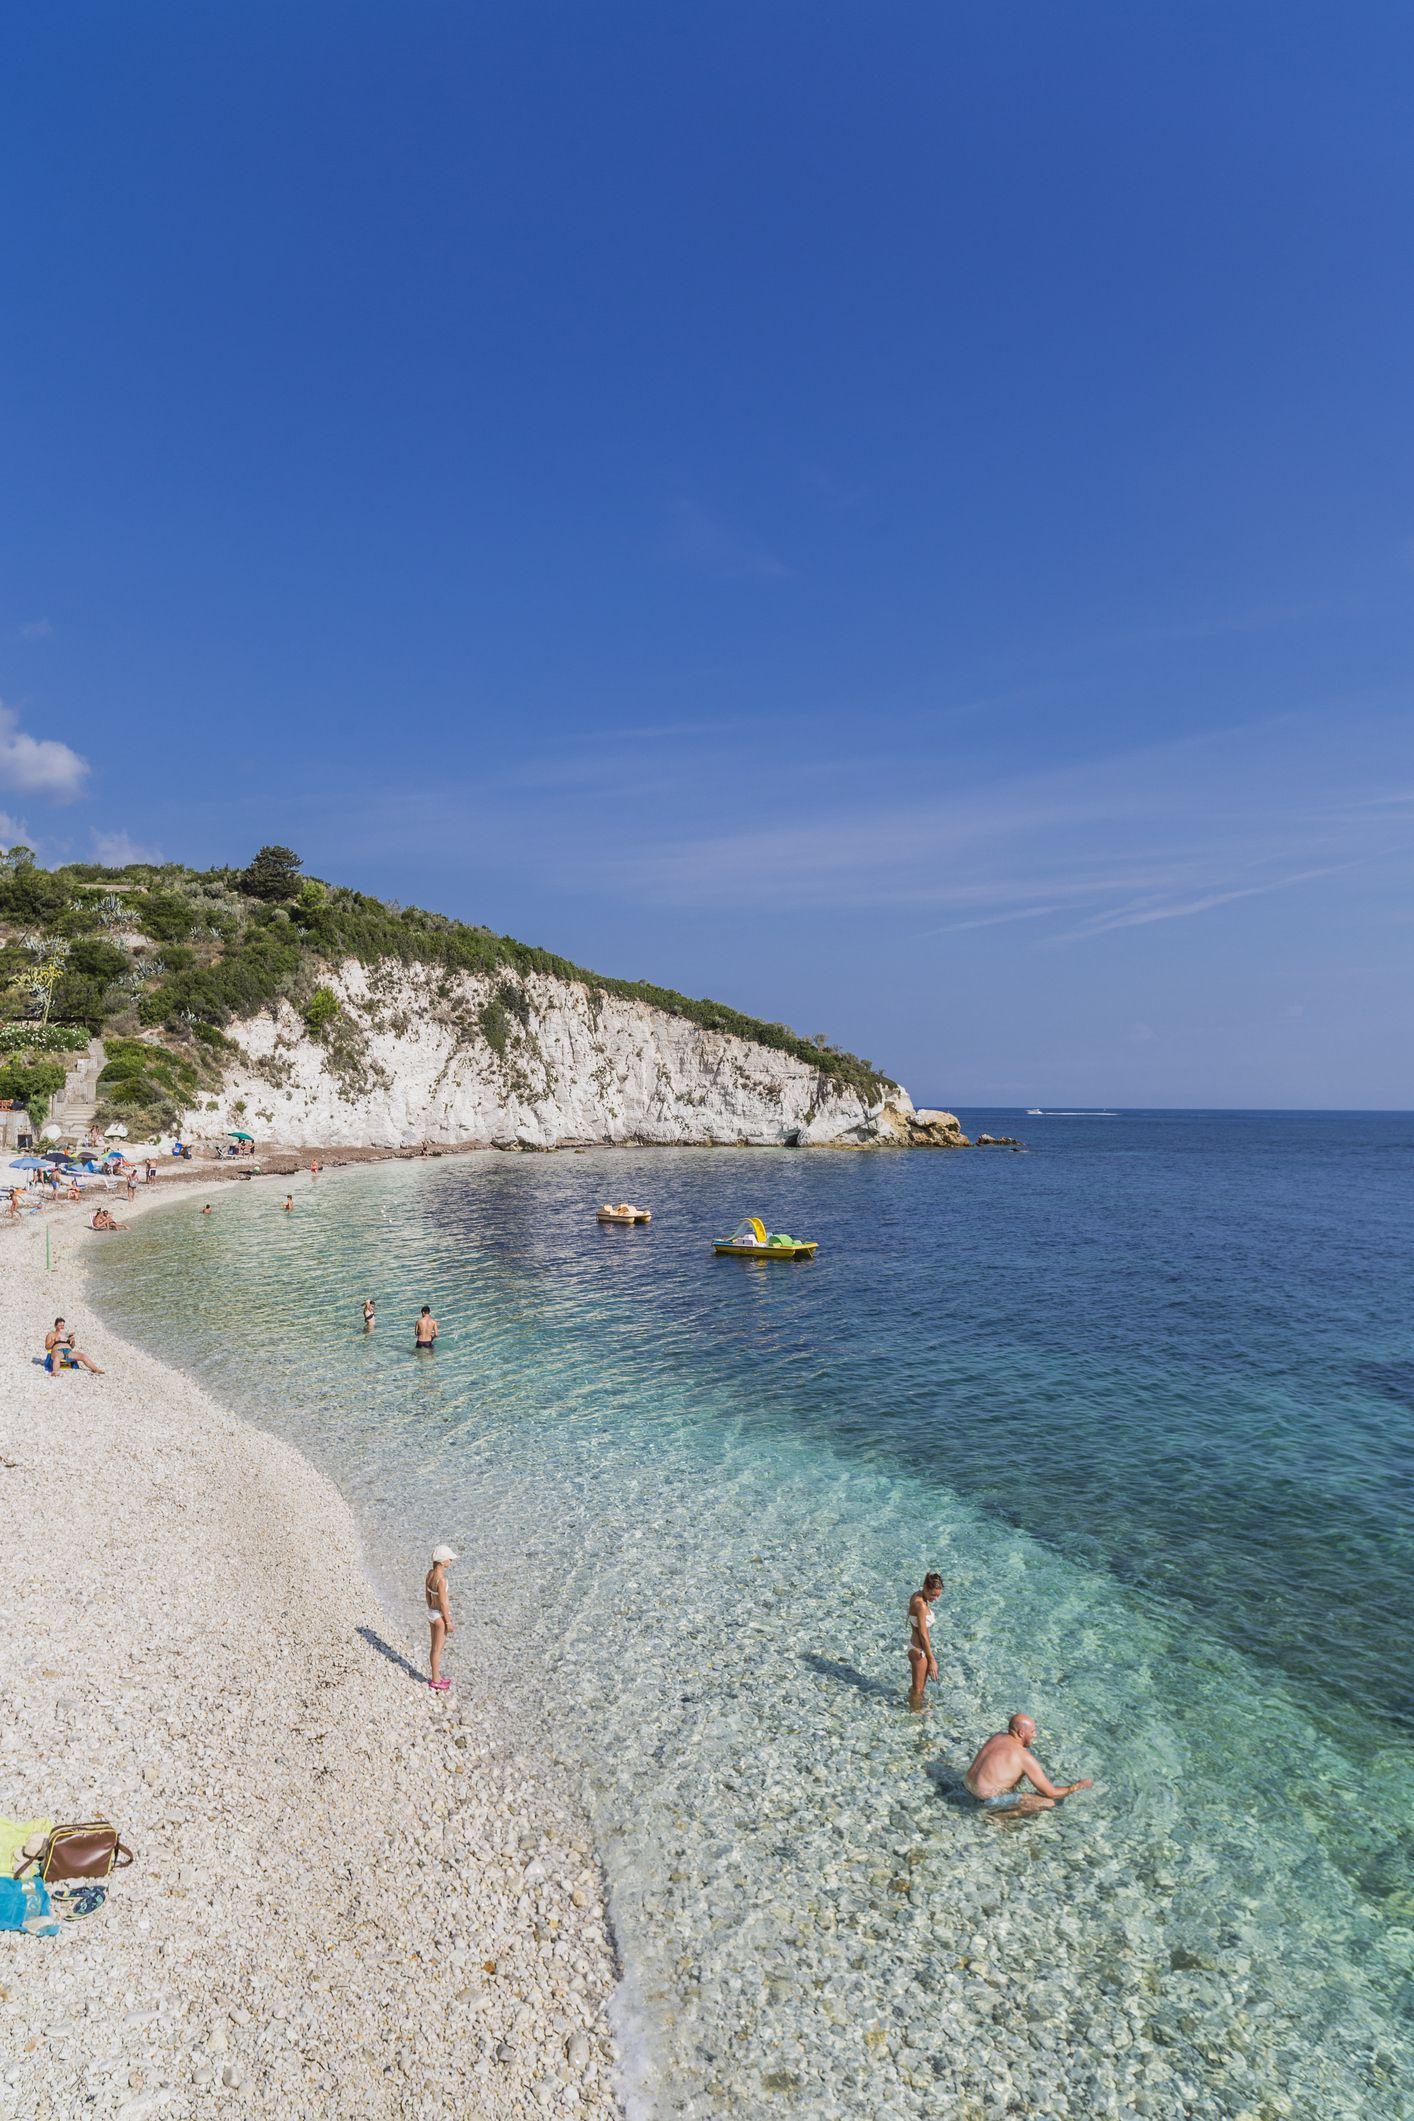 Le 10 spiagge dell'Isola d'Elba più belle Idee per le